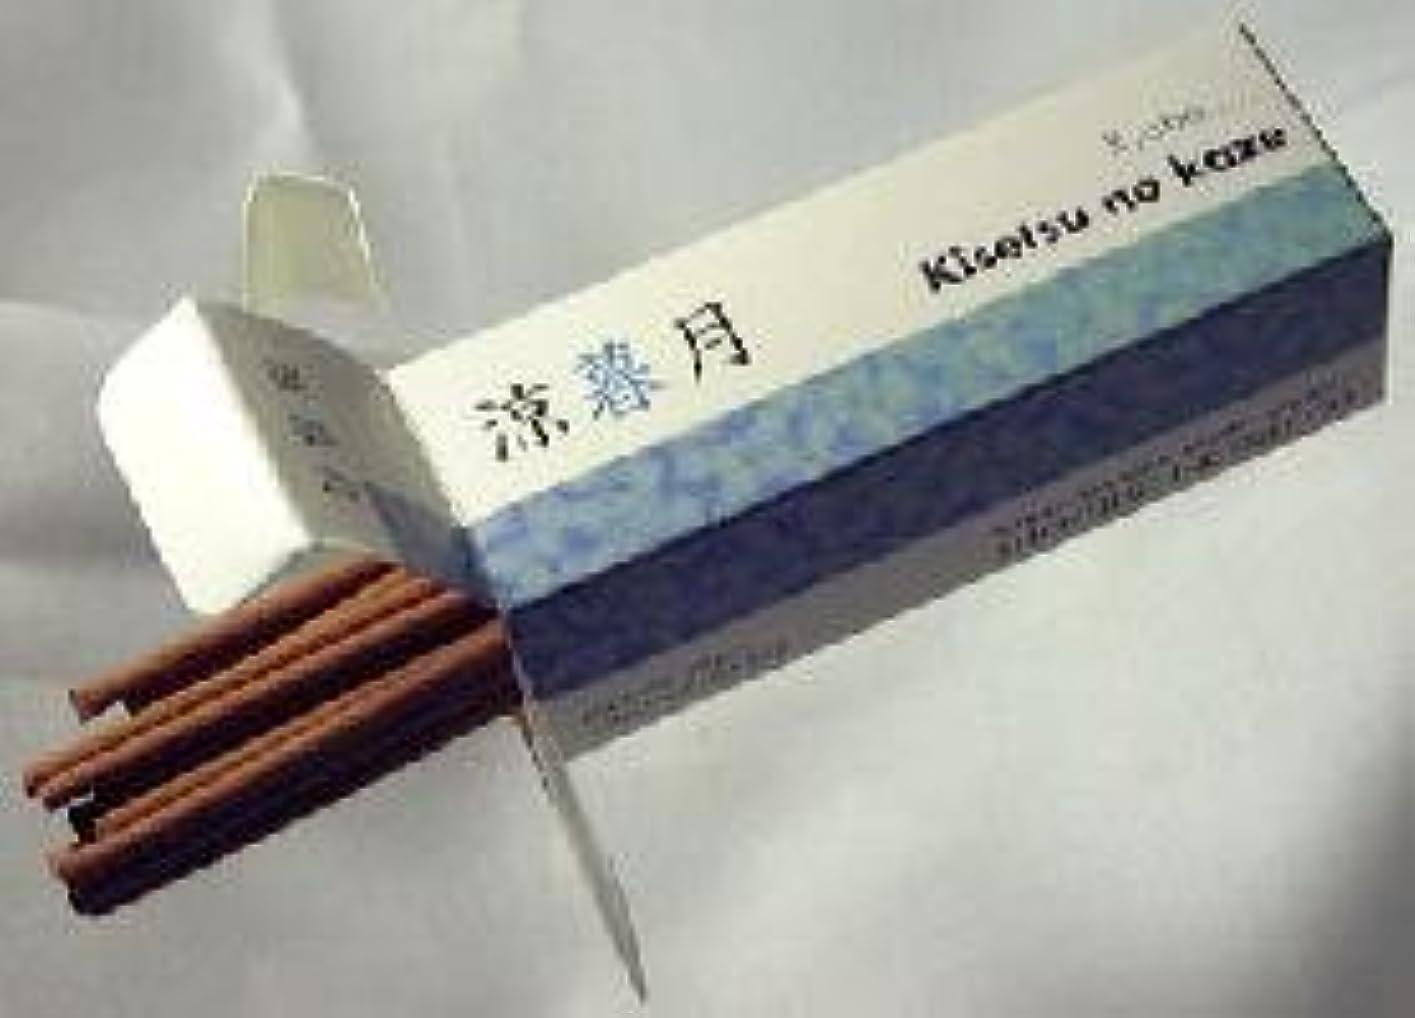 作曲家タイトル優越松栄堂四季の風 涼暮月(リョーボツキ) スティックお香20本入